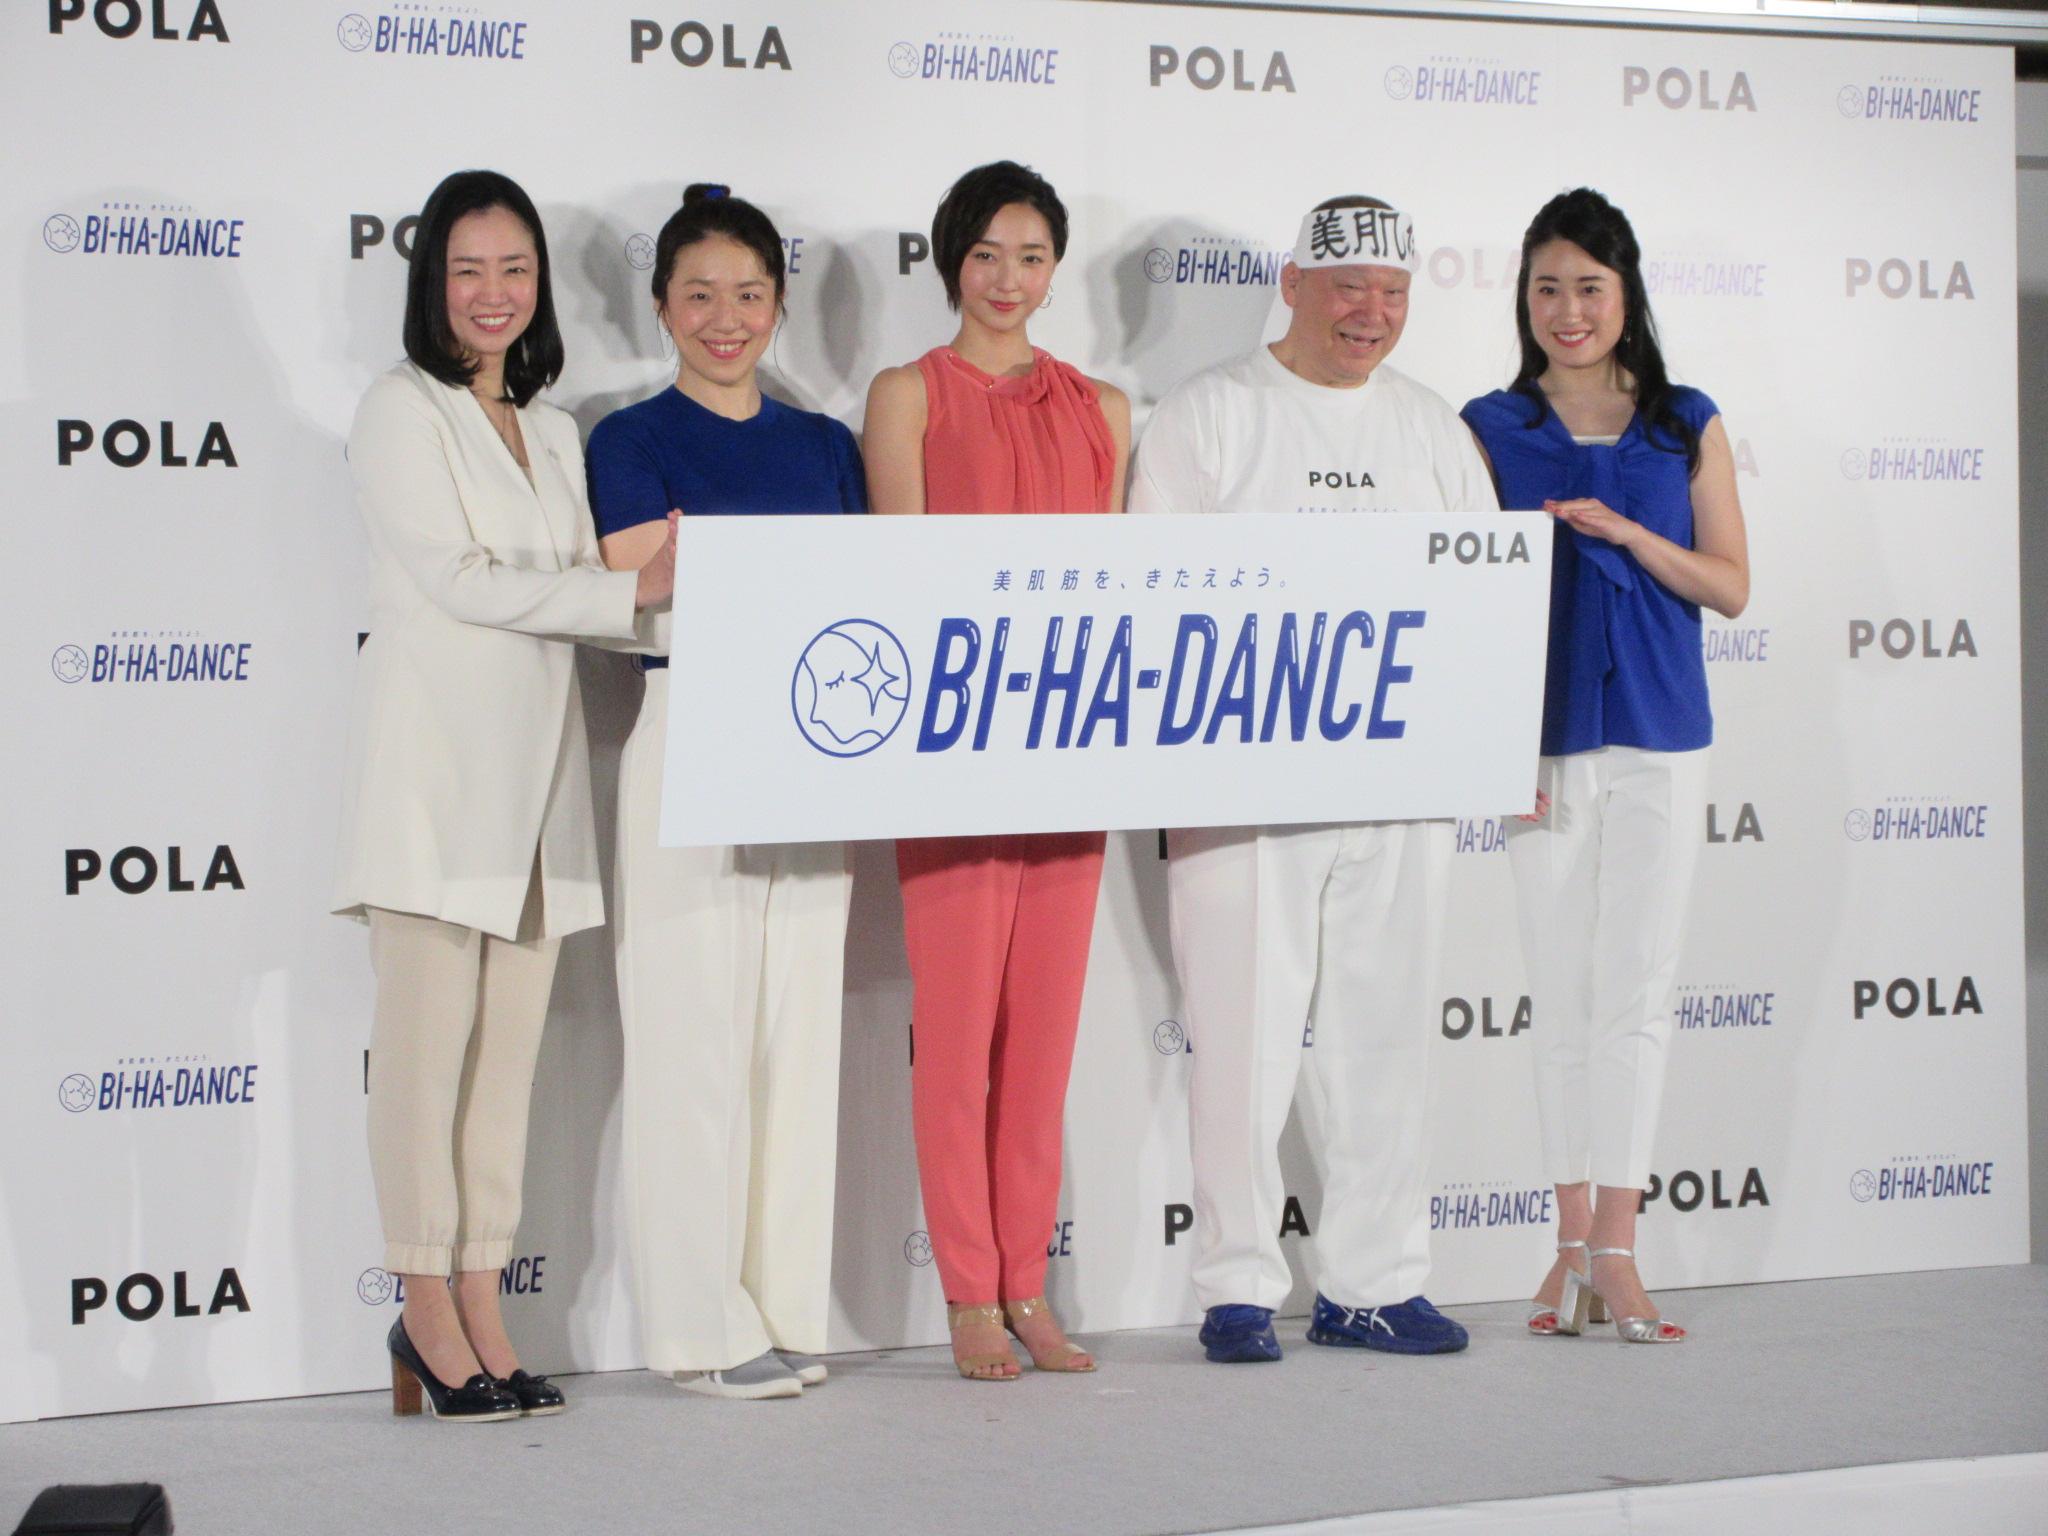 ポーラ「BI-HA-DANCE」を提案/筋肉つけて美肌!?